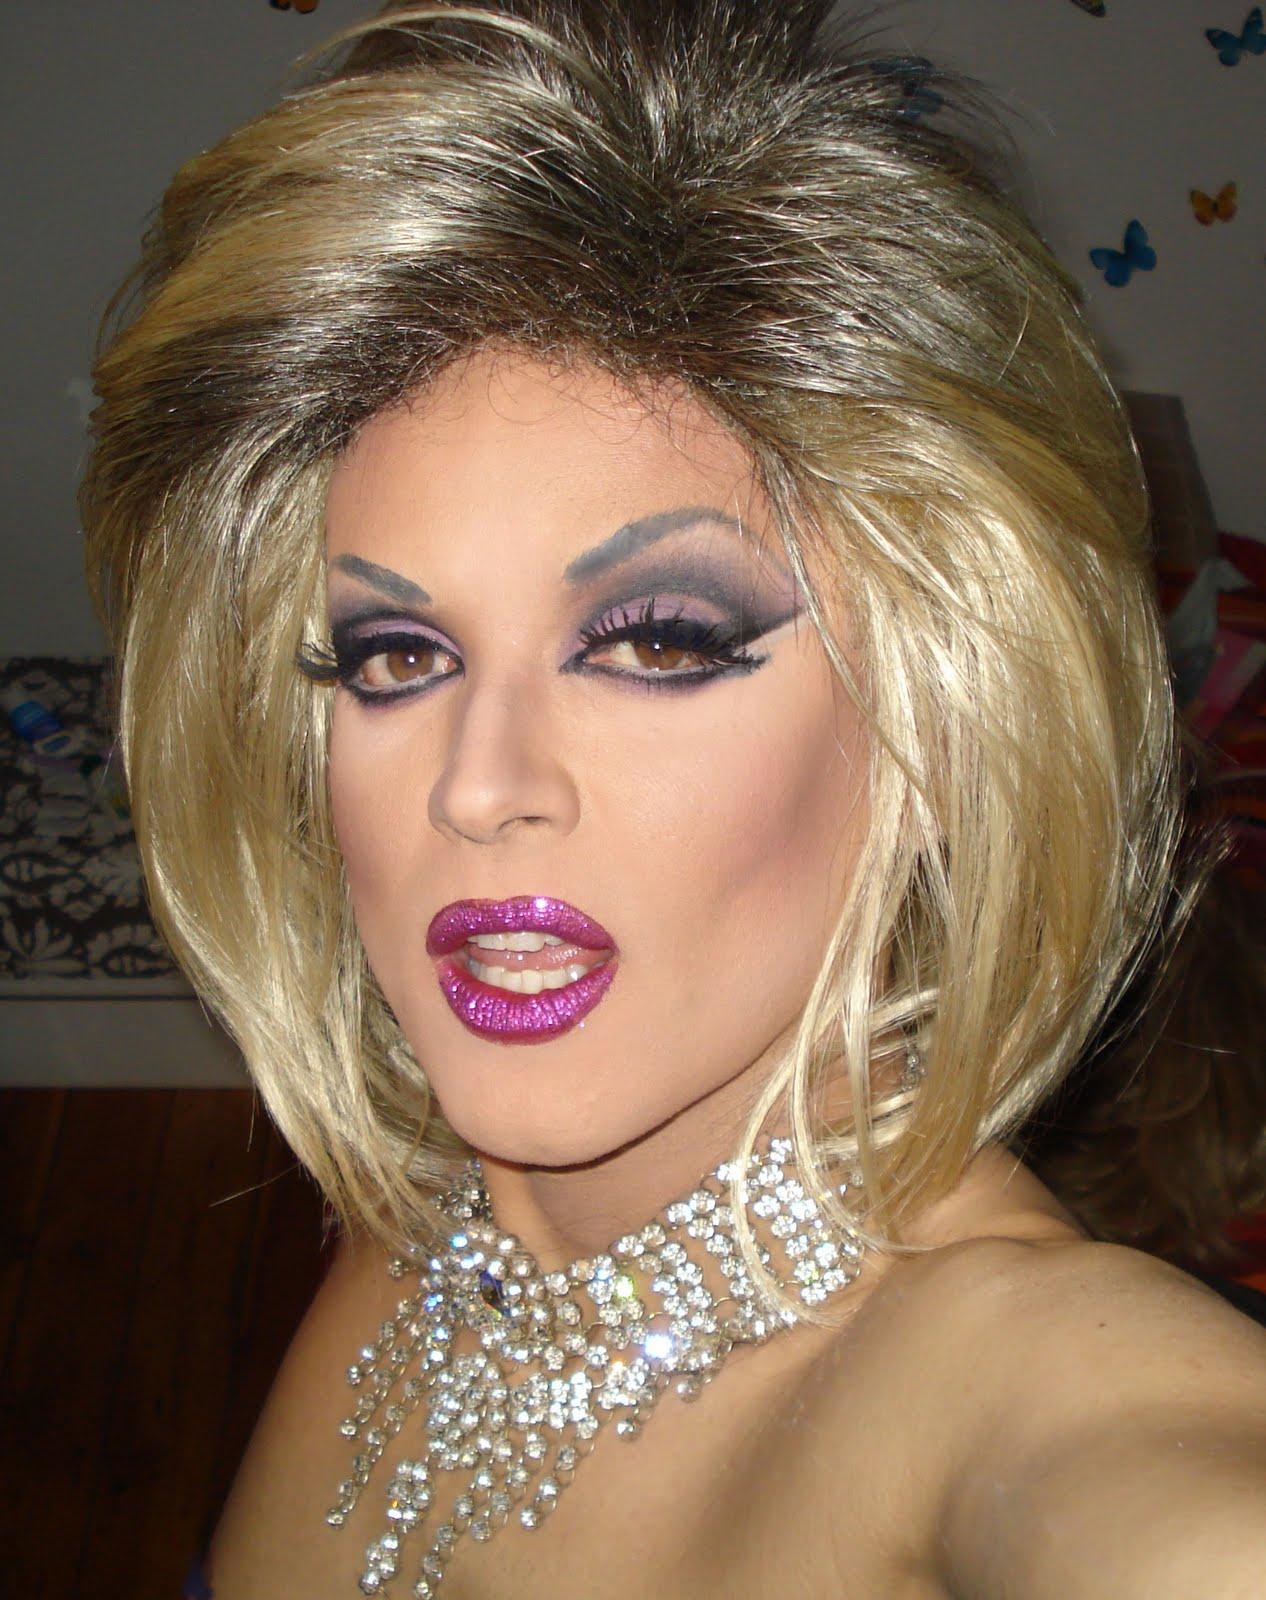 Crossdresser Great Makeup